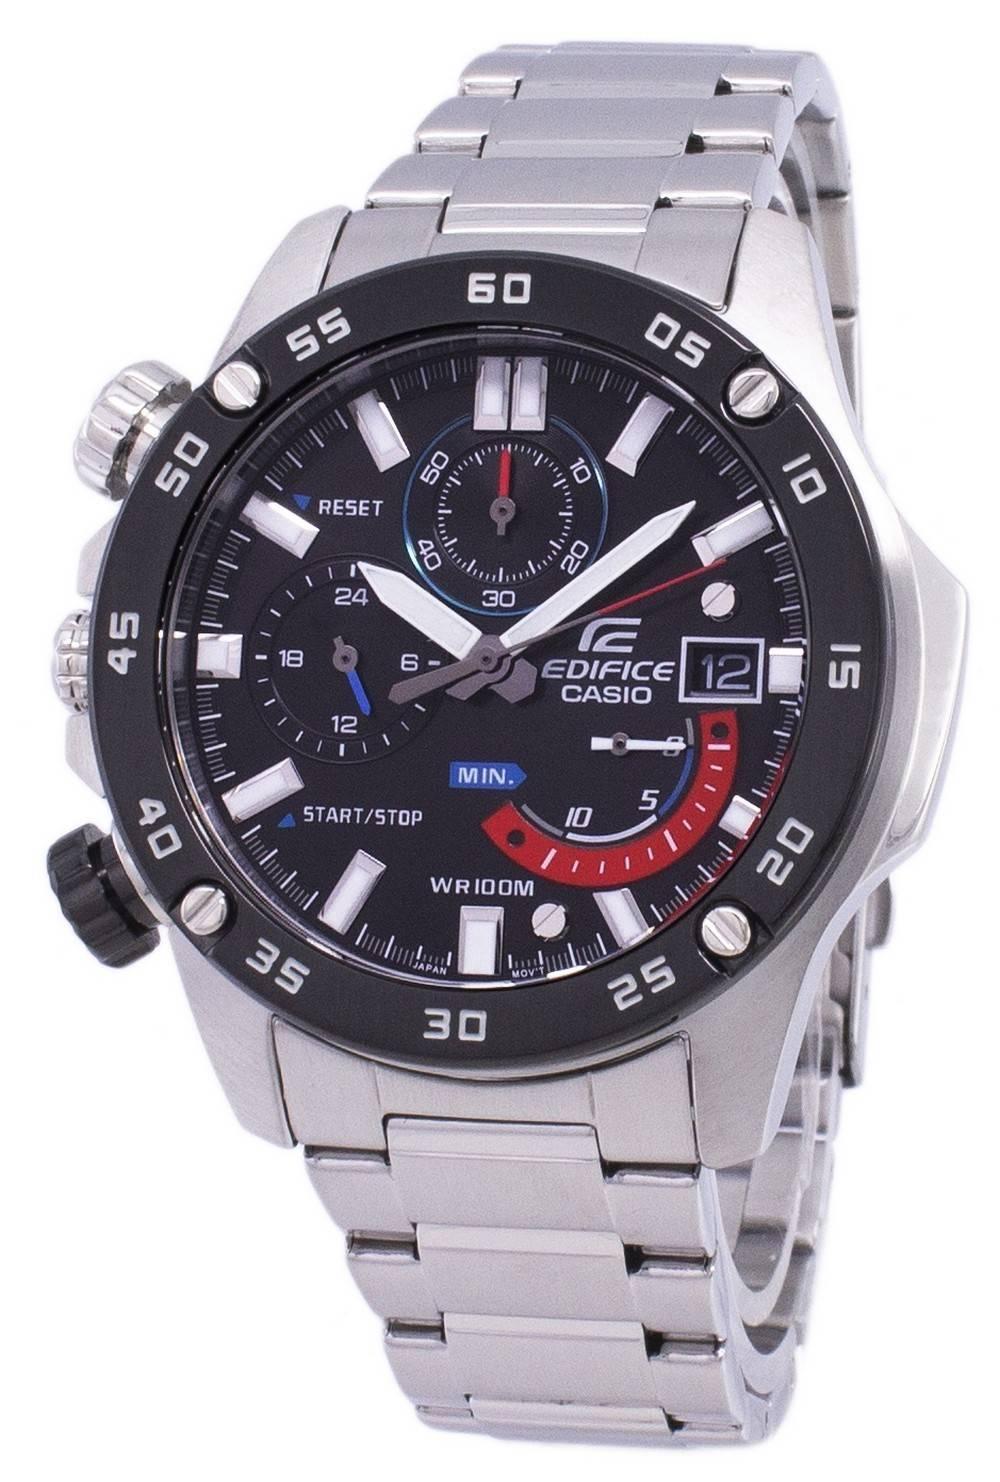 ddc9a8c6d883 Details about Casio Edifice Chronograph Quartz EFR-558DB-1AV EFR558DB-1AV  Mens Watch